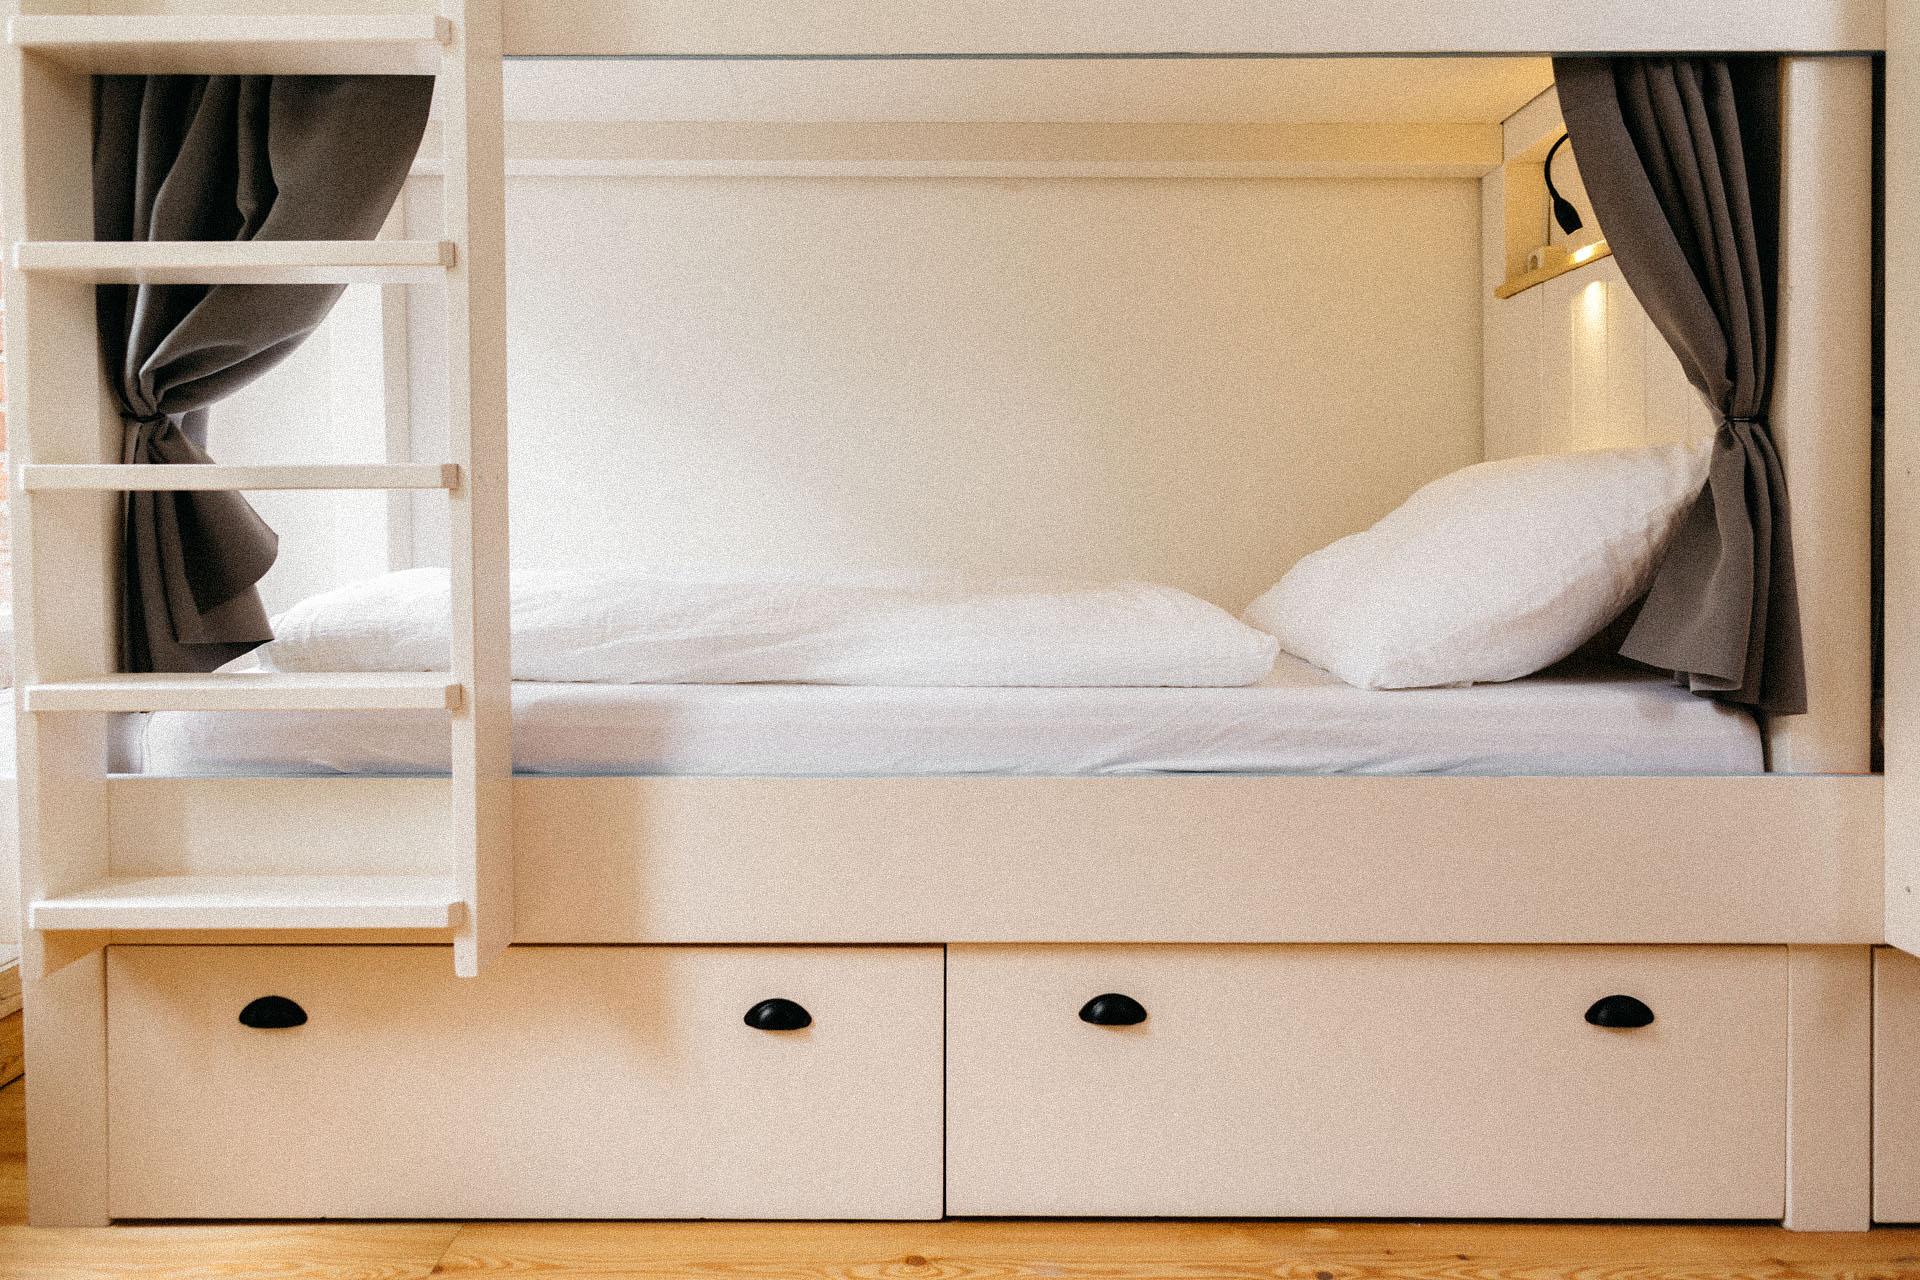 Doppelbett mit Verdunklungsvorhängen